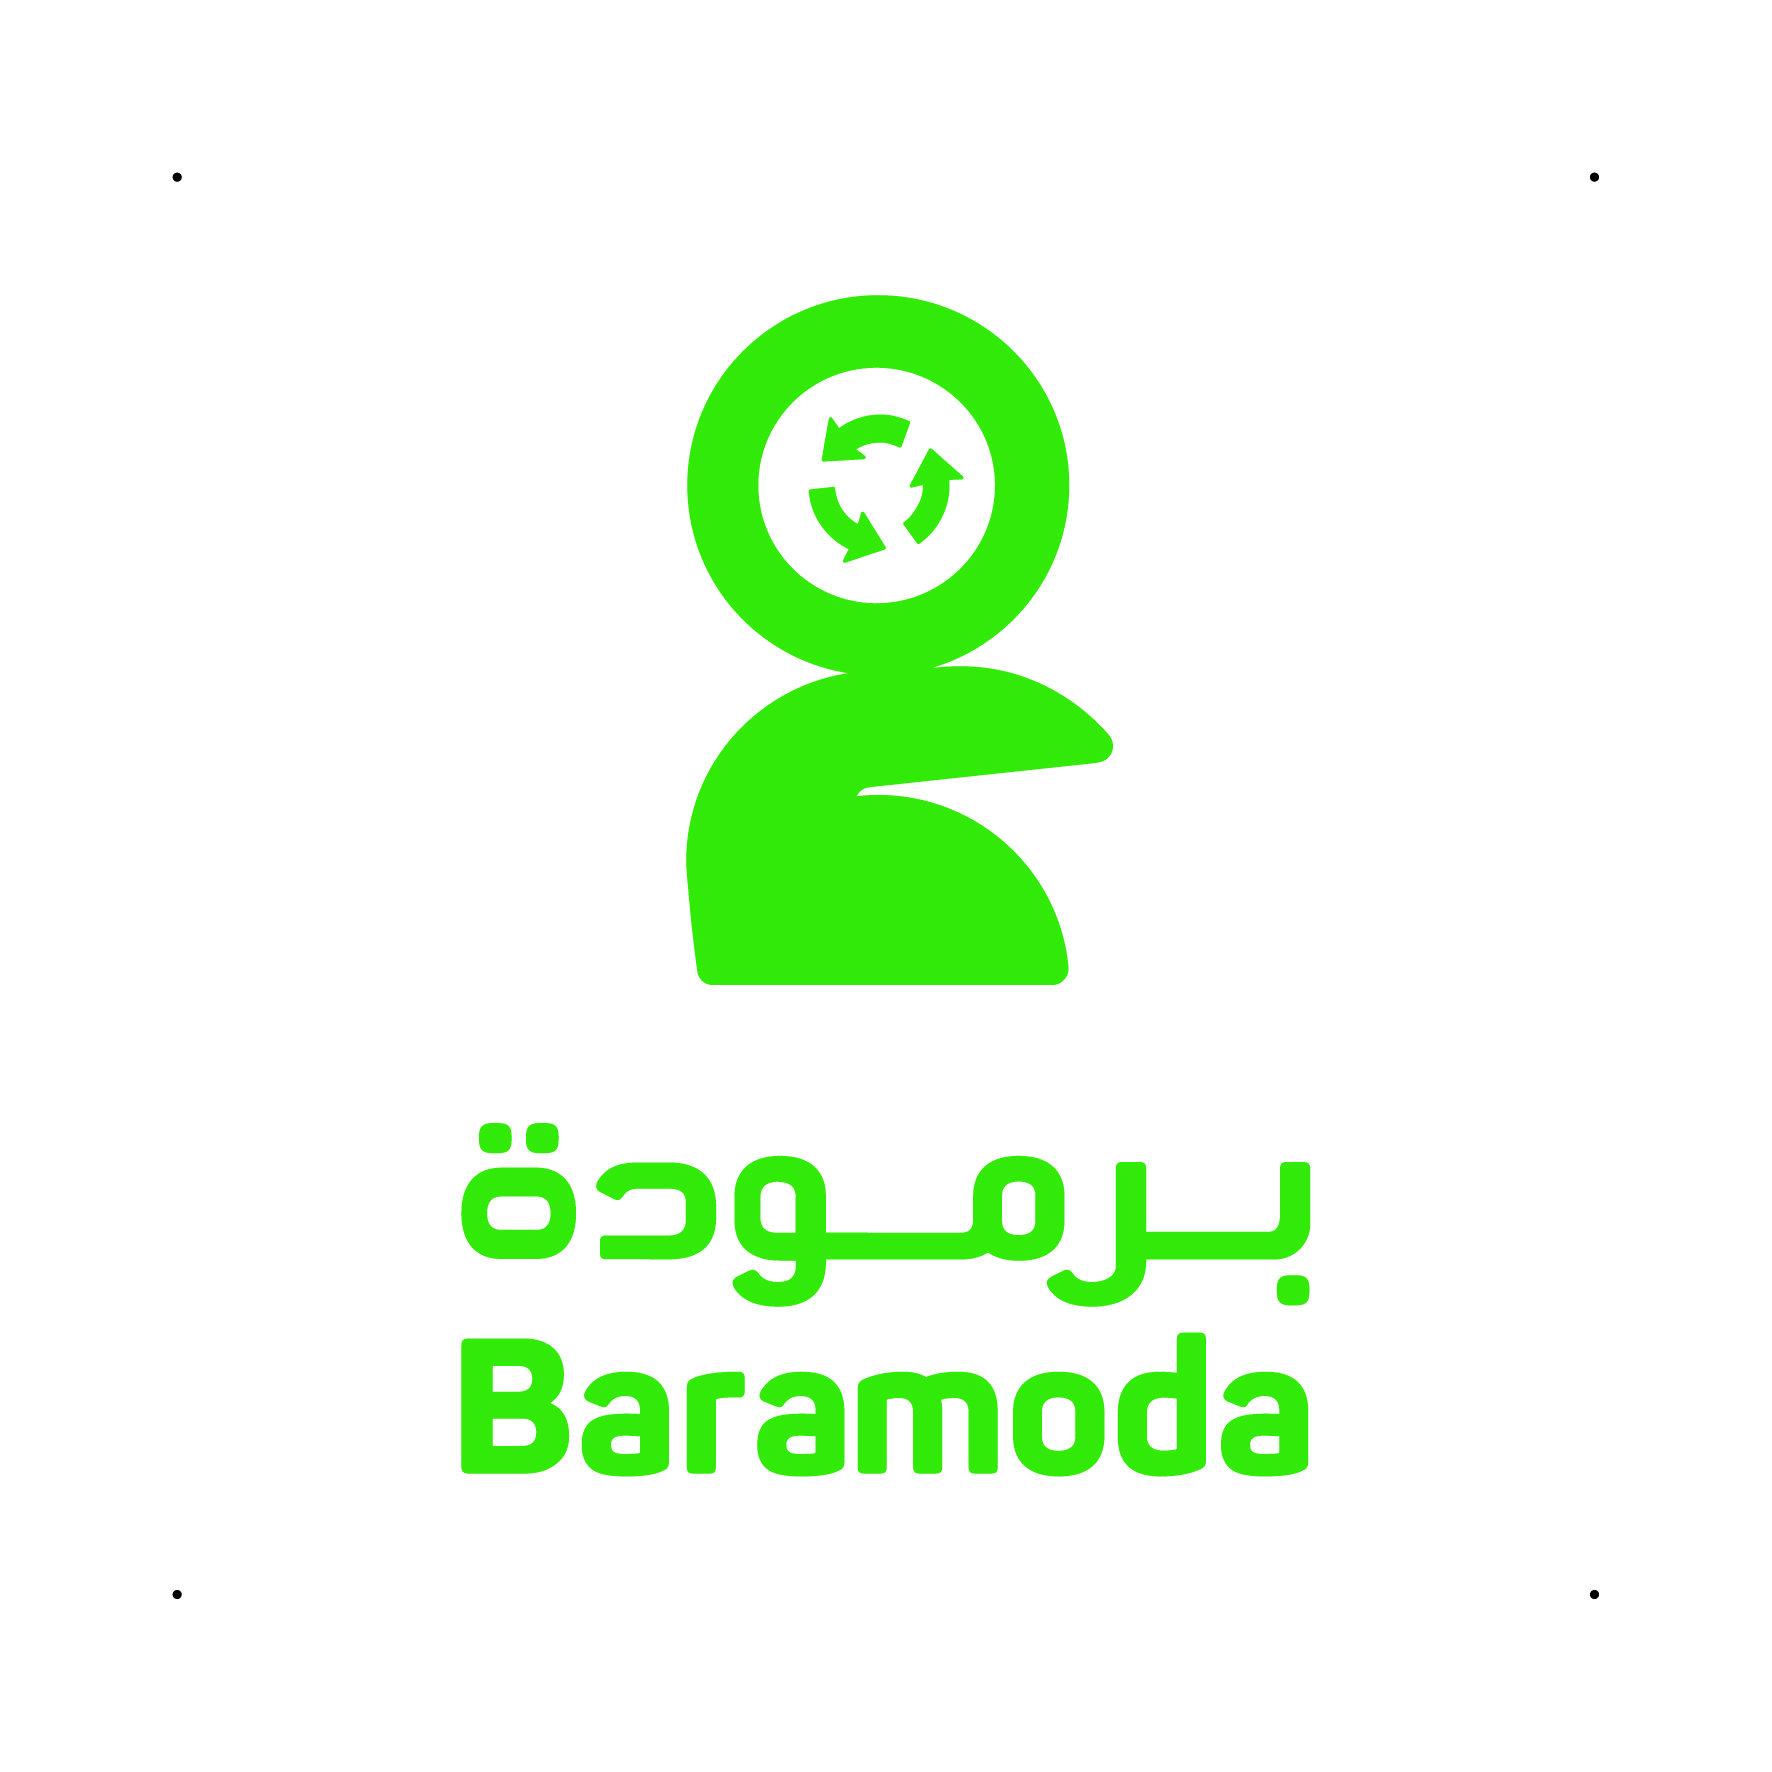 BARAMODA-01.jpg